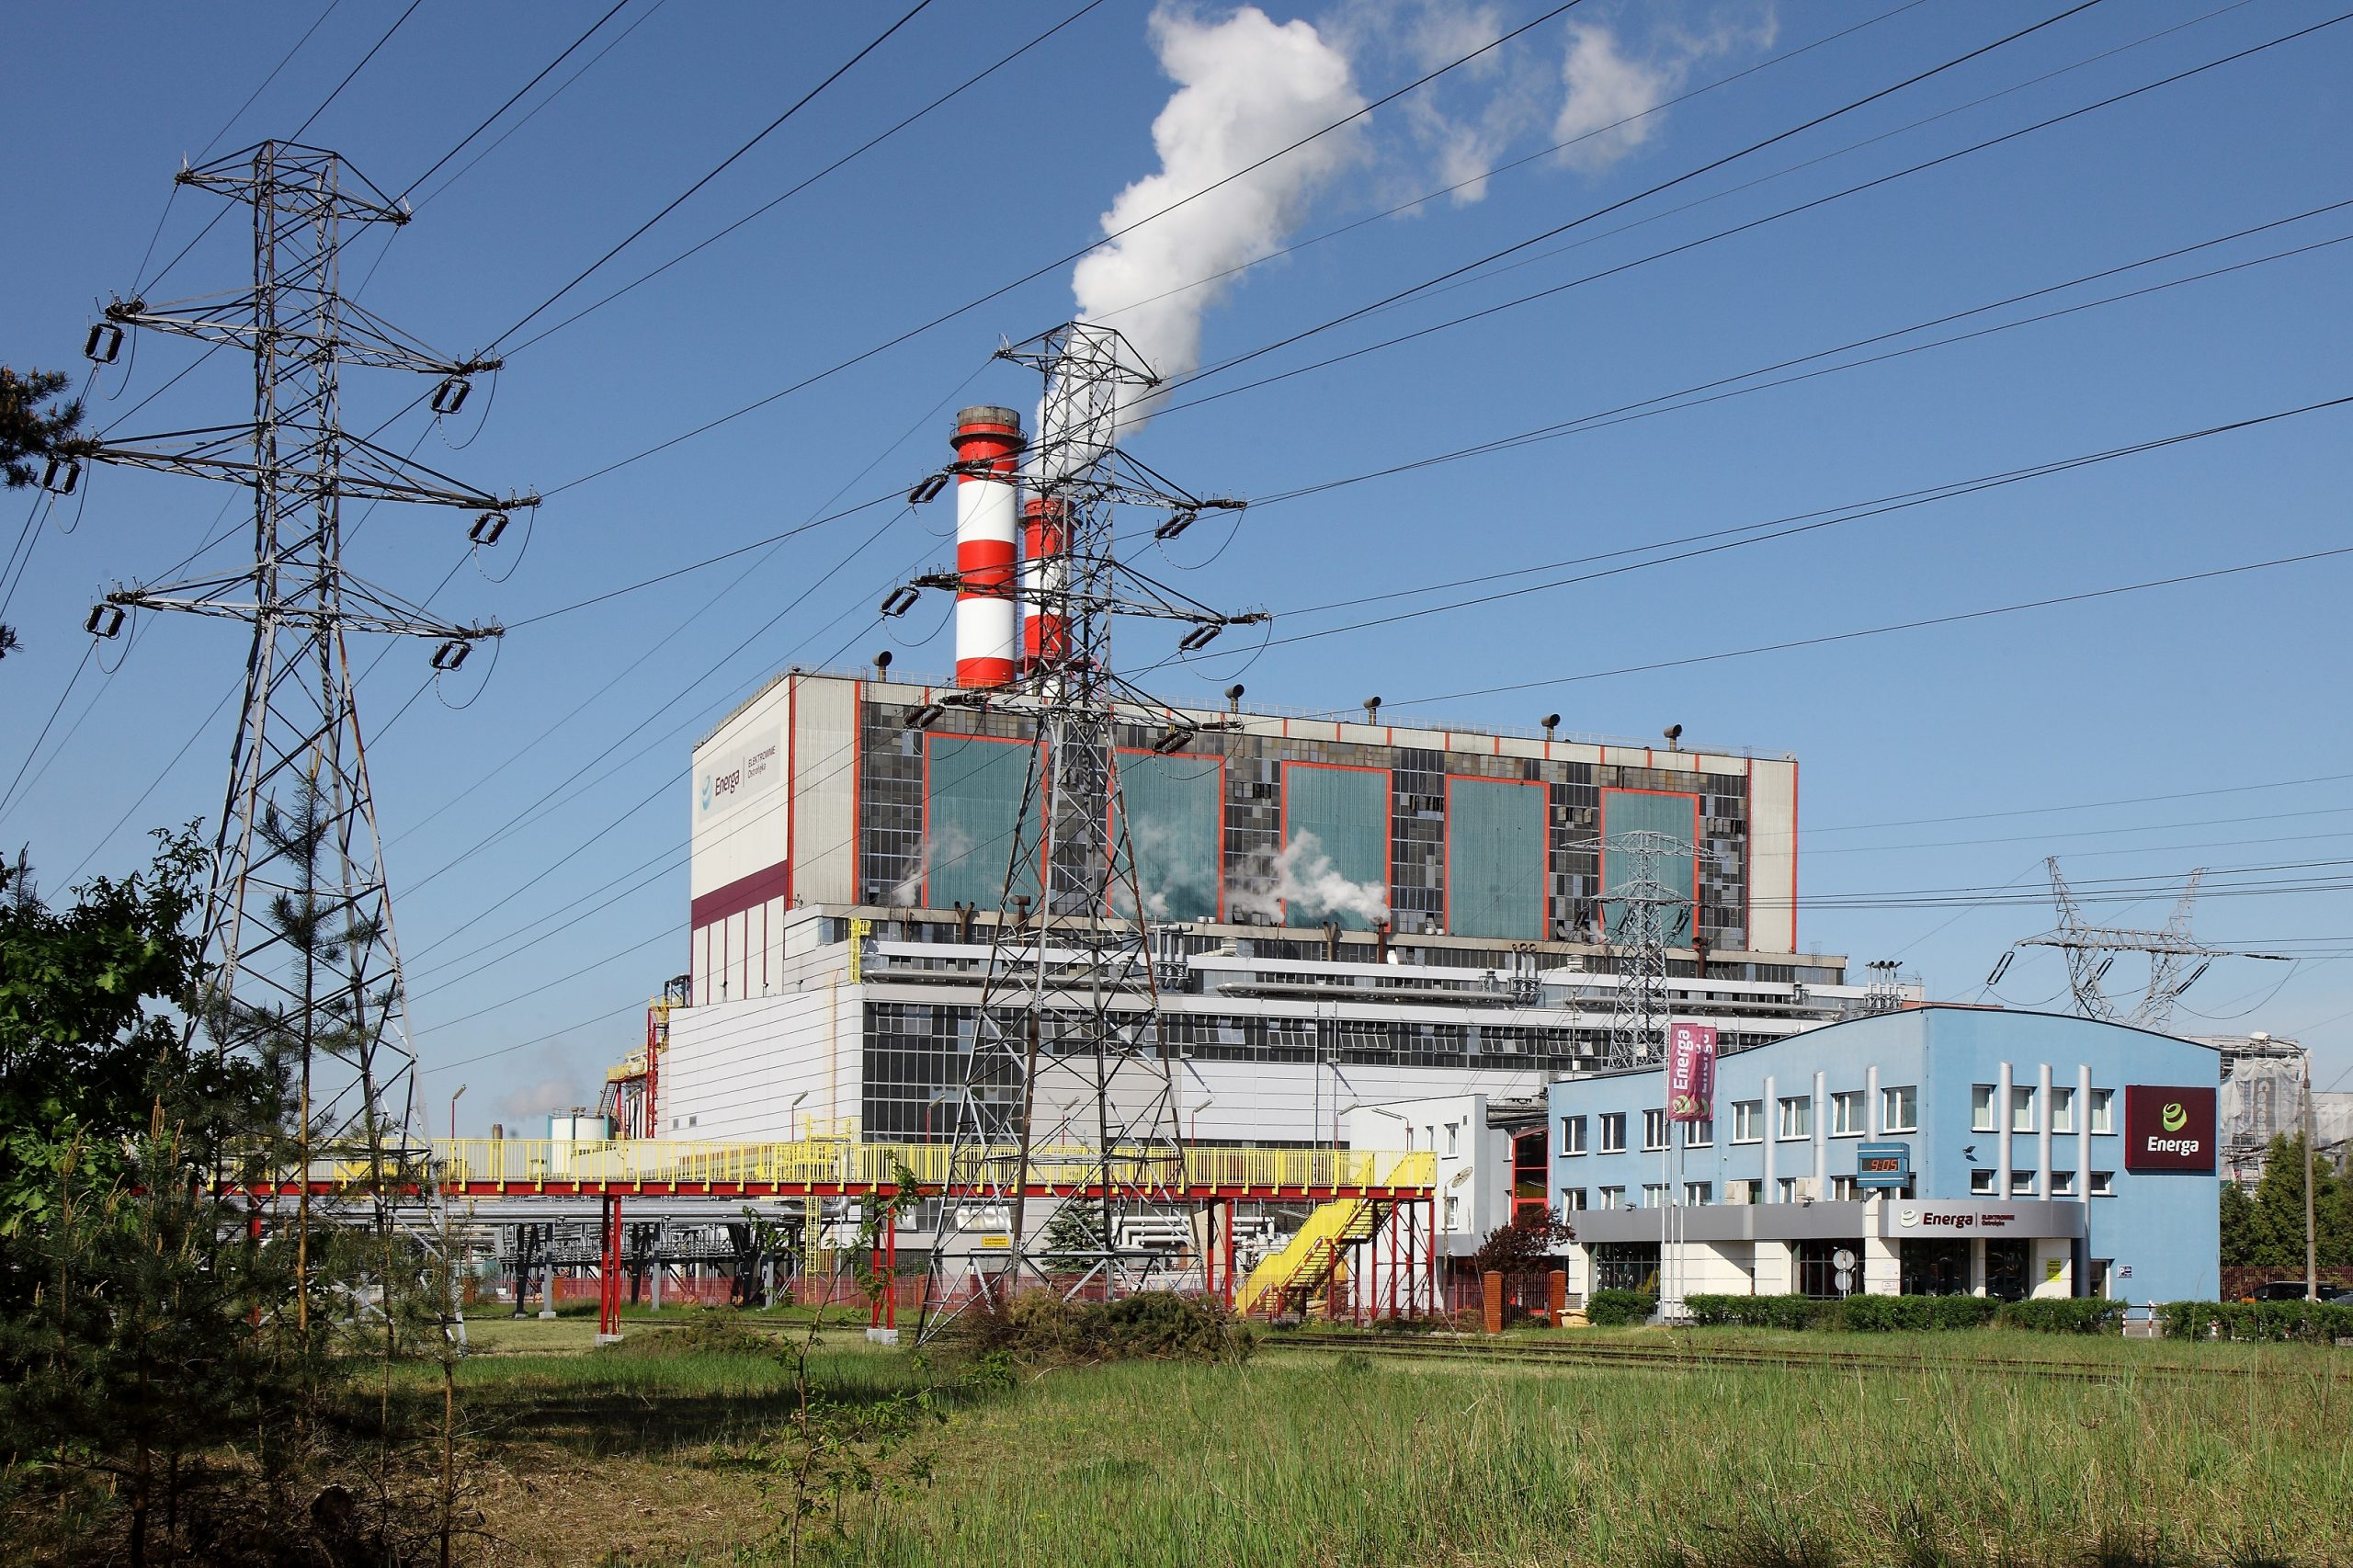 elektrownia gazowa w ostrołęce - grafika wpisu